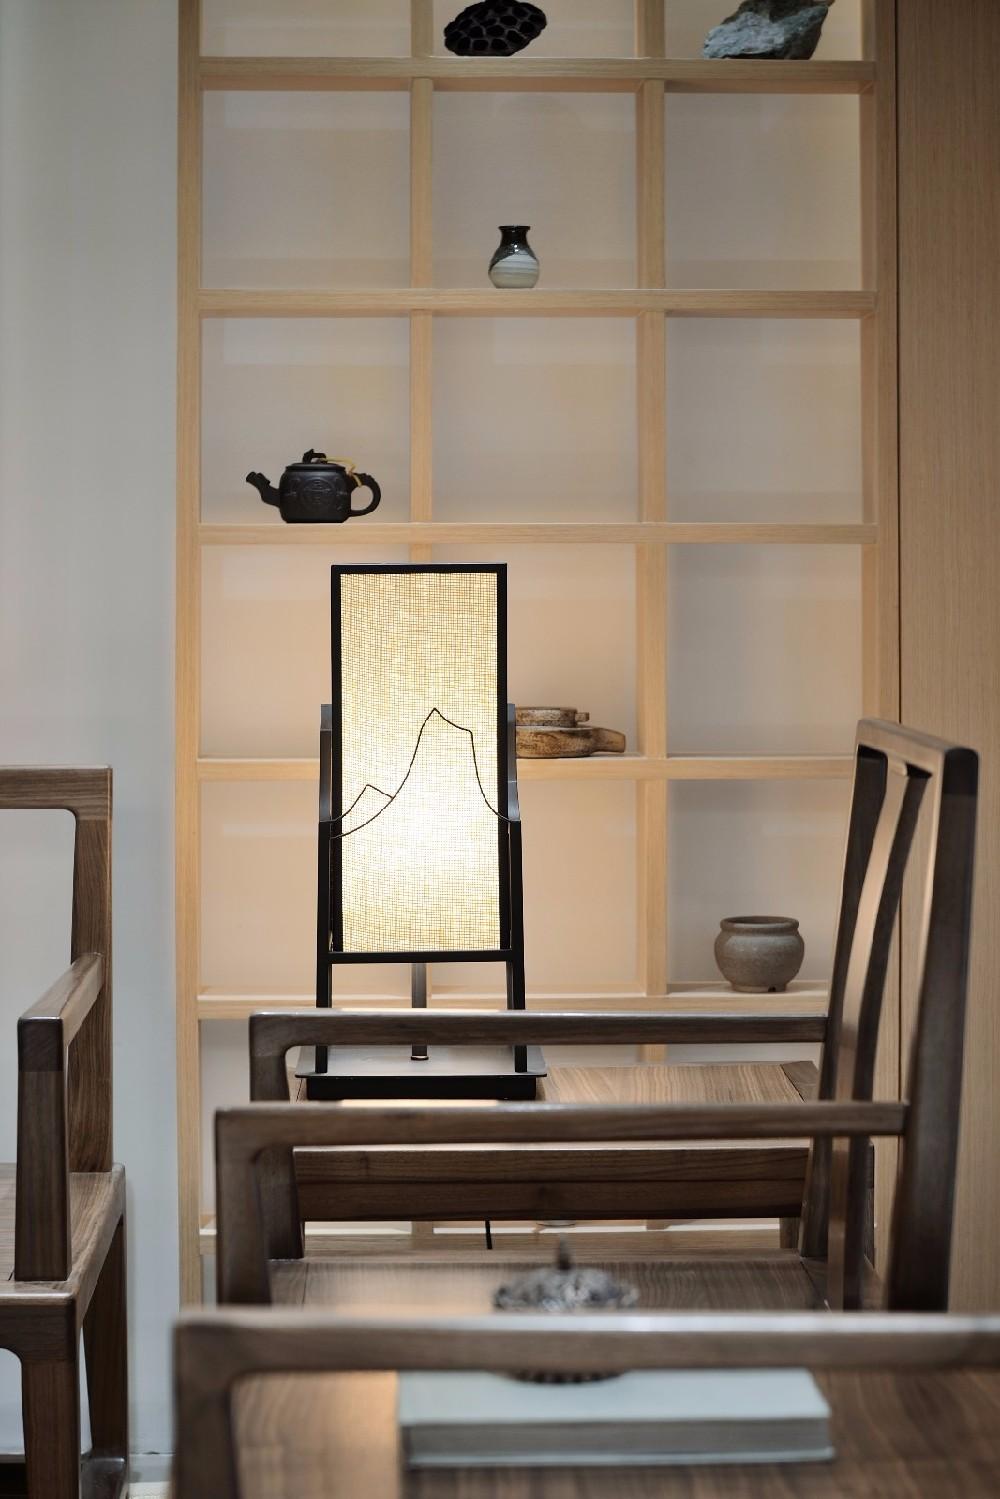 177㎡ 现代风格,清者自清的房子12014805